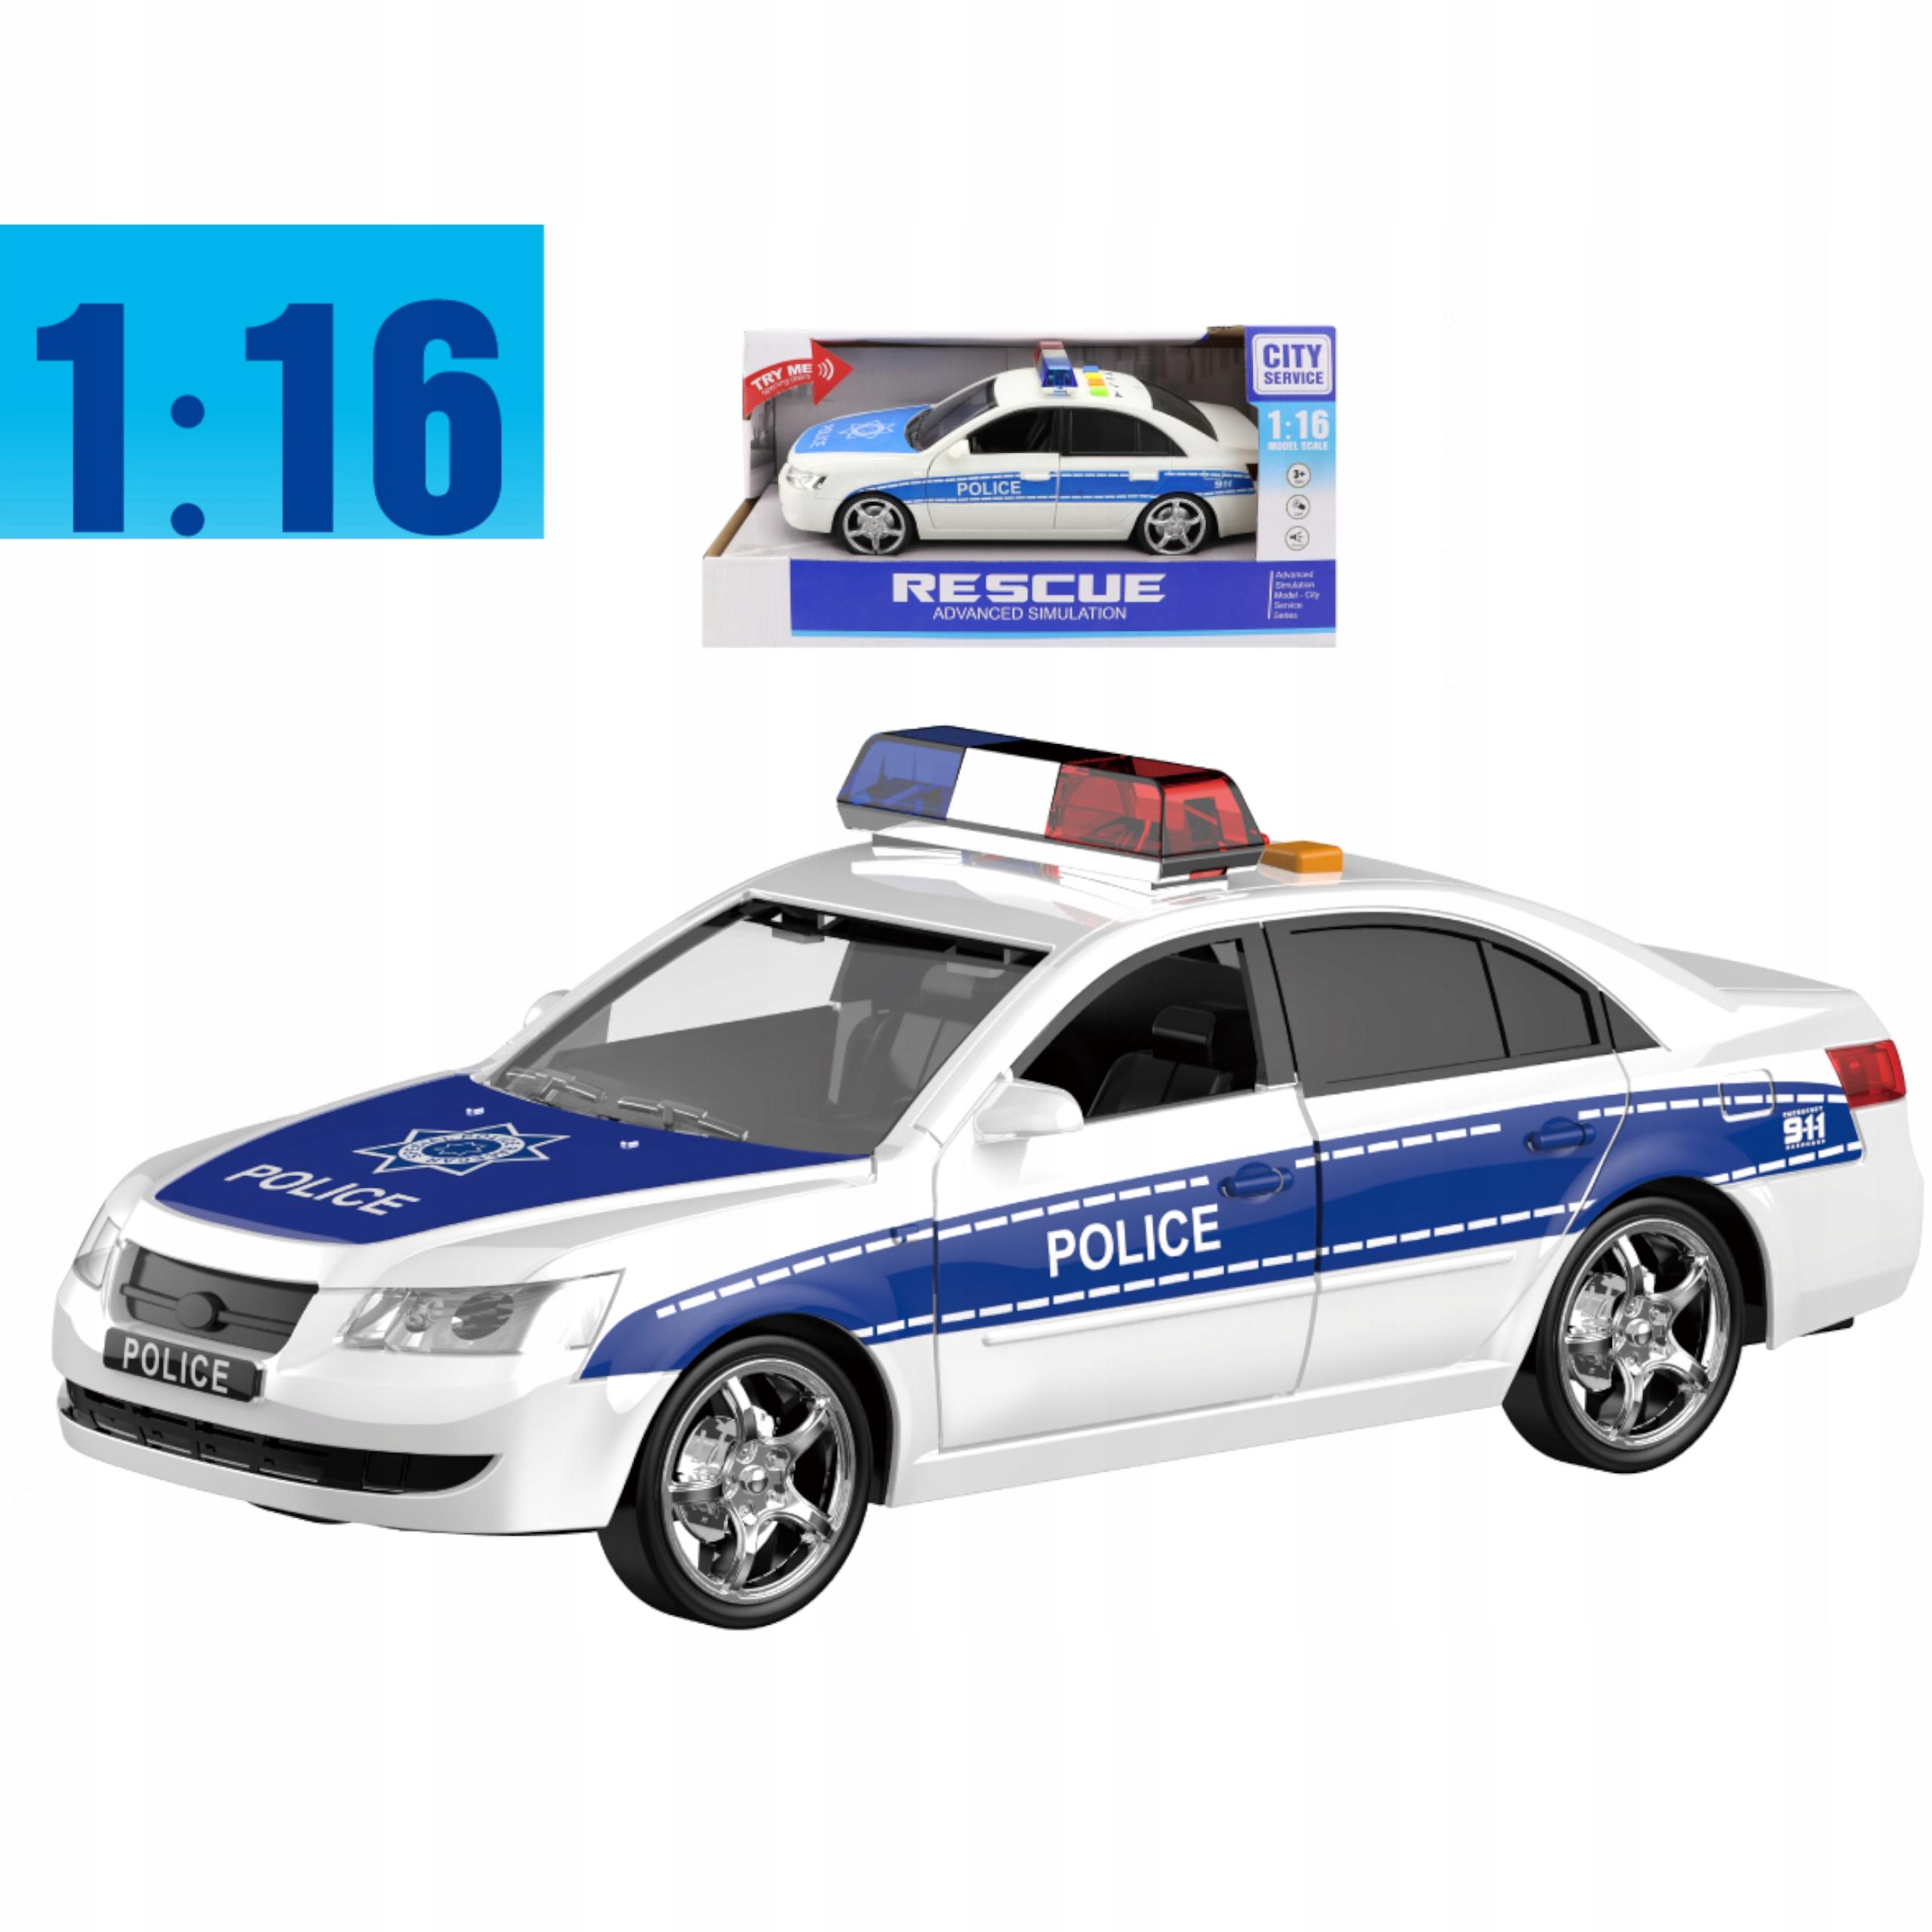 Samochód policyjny otwierane drzwi dźwięki WY560A Kod producenta WY560A